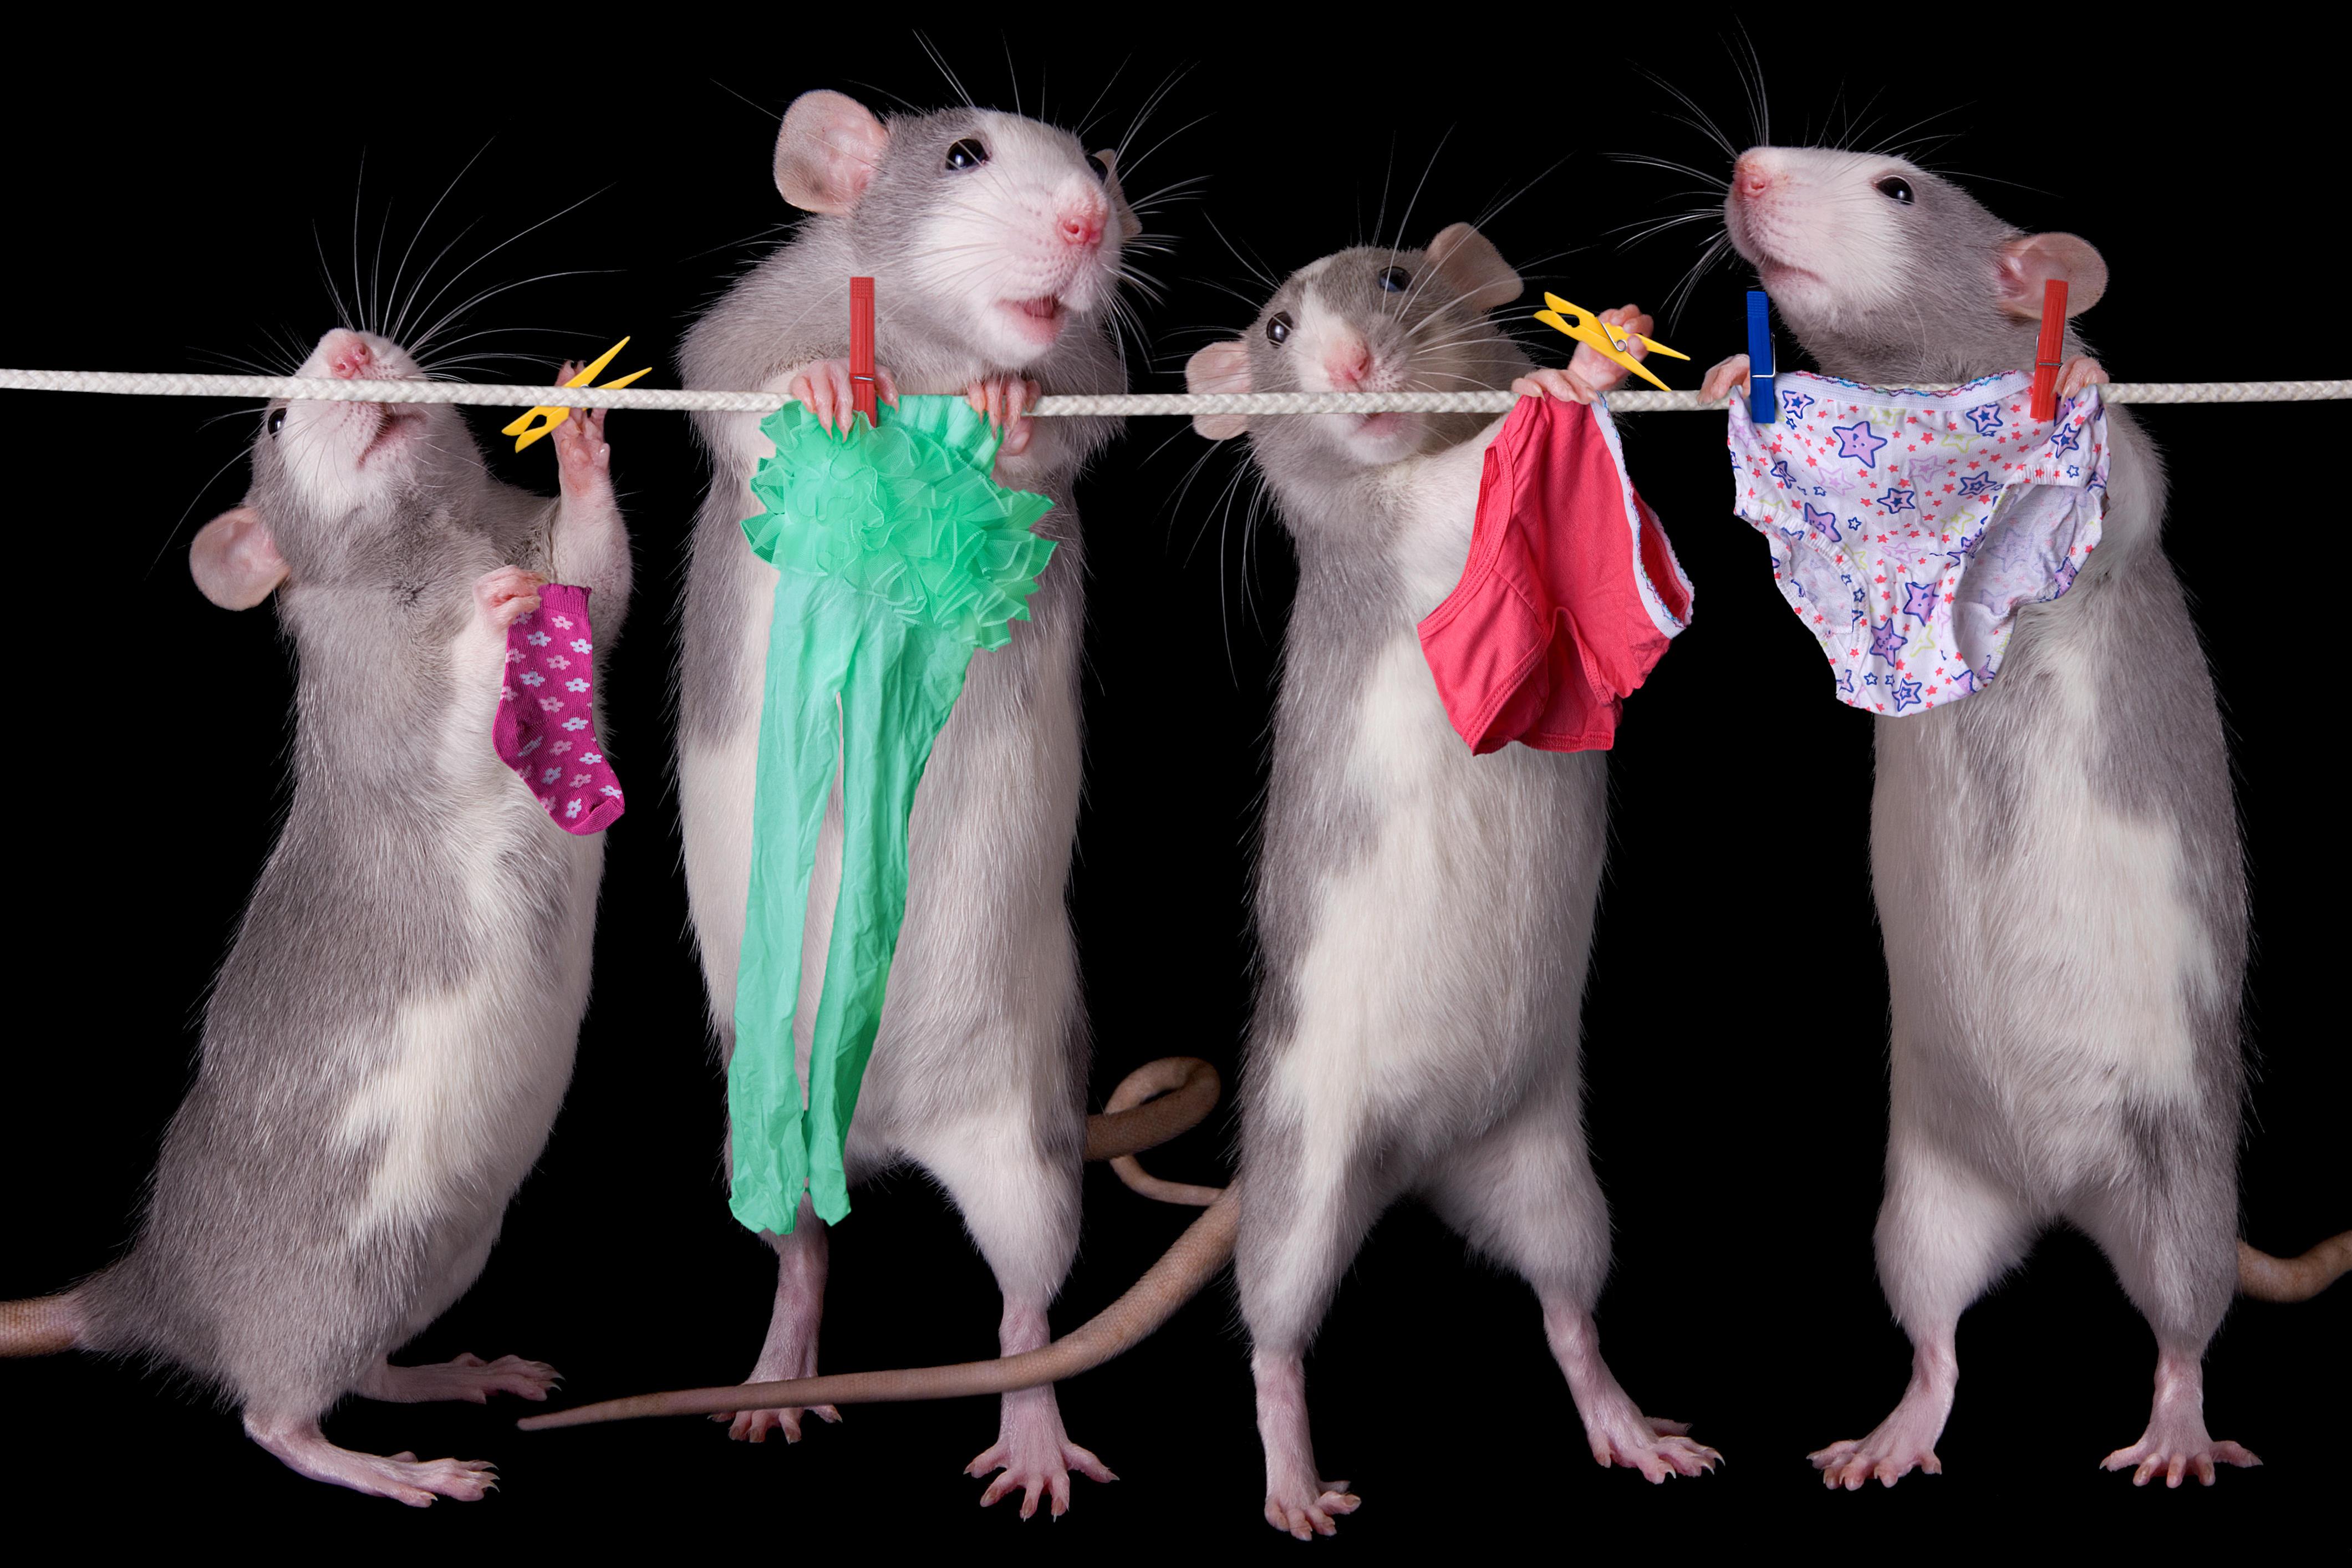 Днем участкового, картинки про смешных крыс